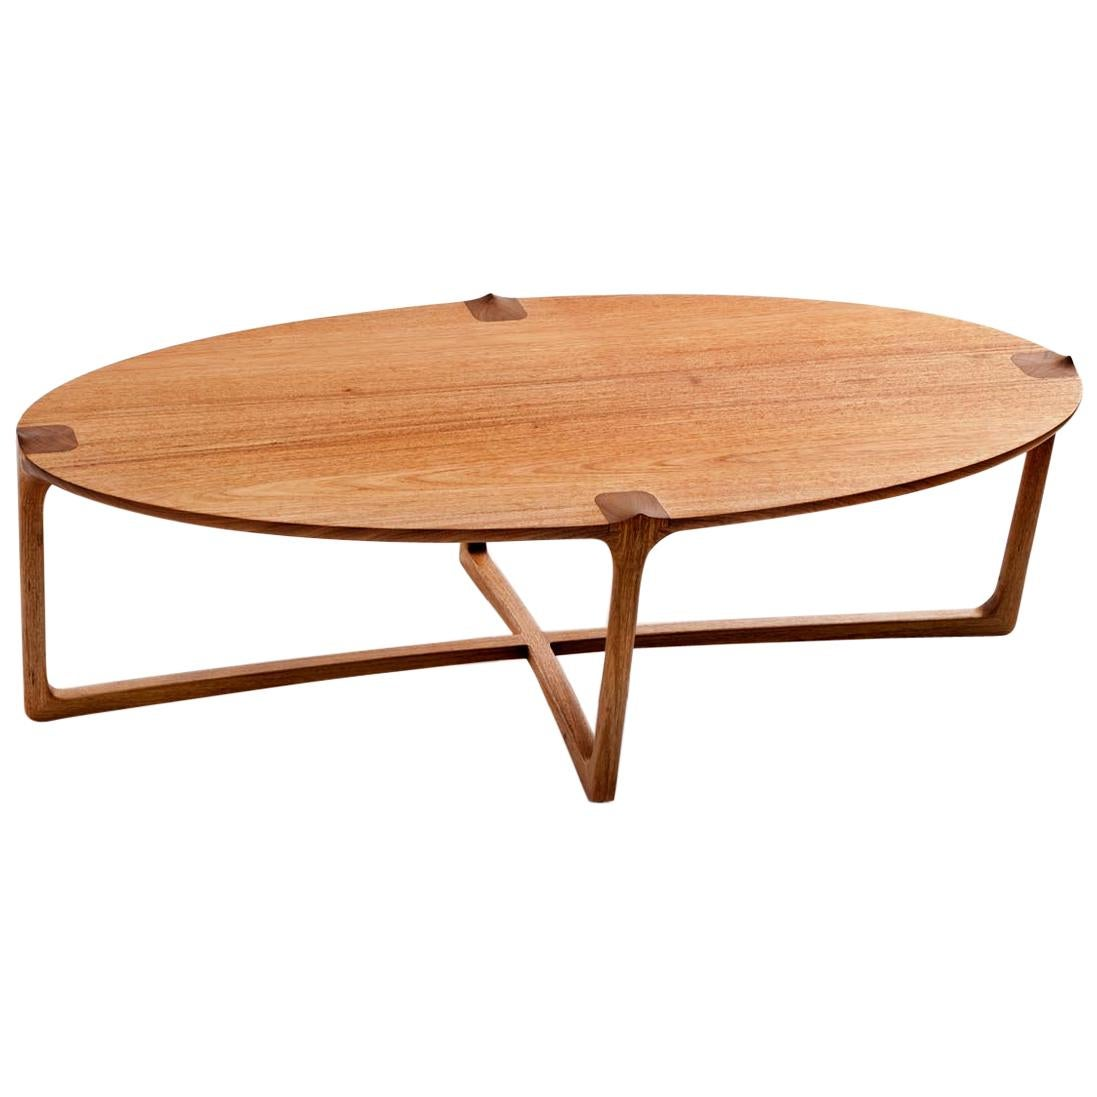 """""""Emi"""" Coffee Table by Marcos Amato, Brazilian Contemporary Design"""